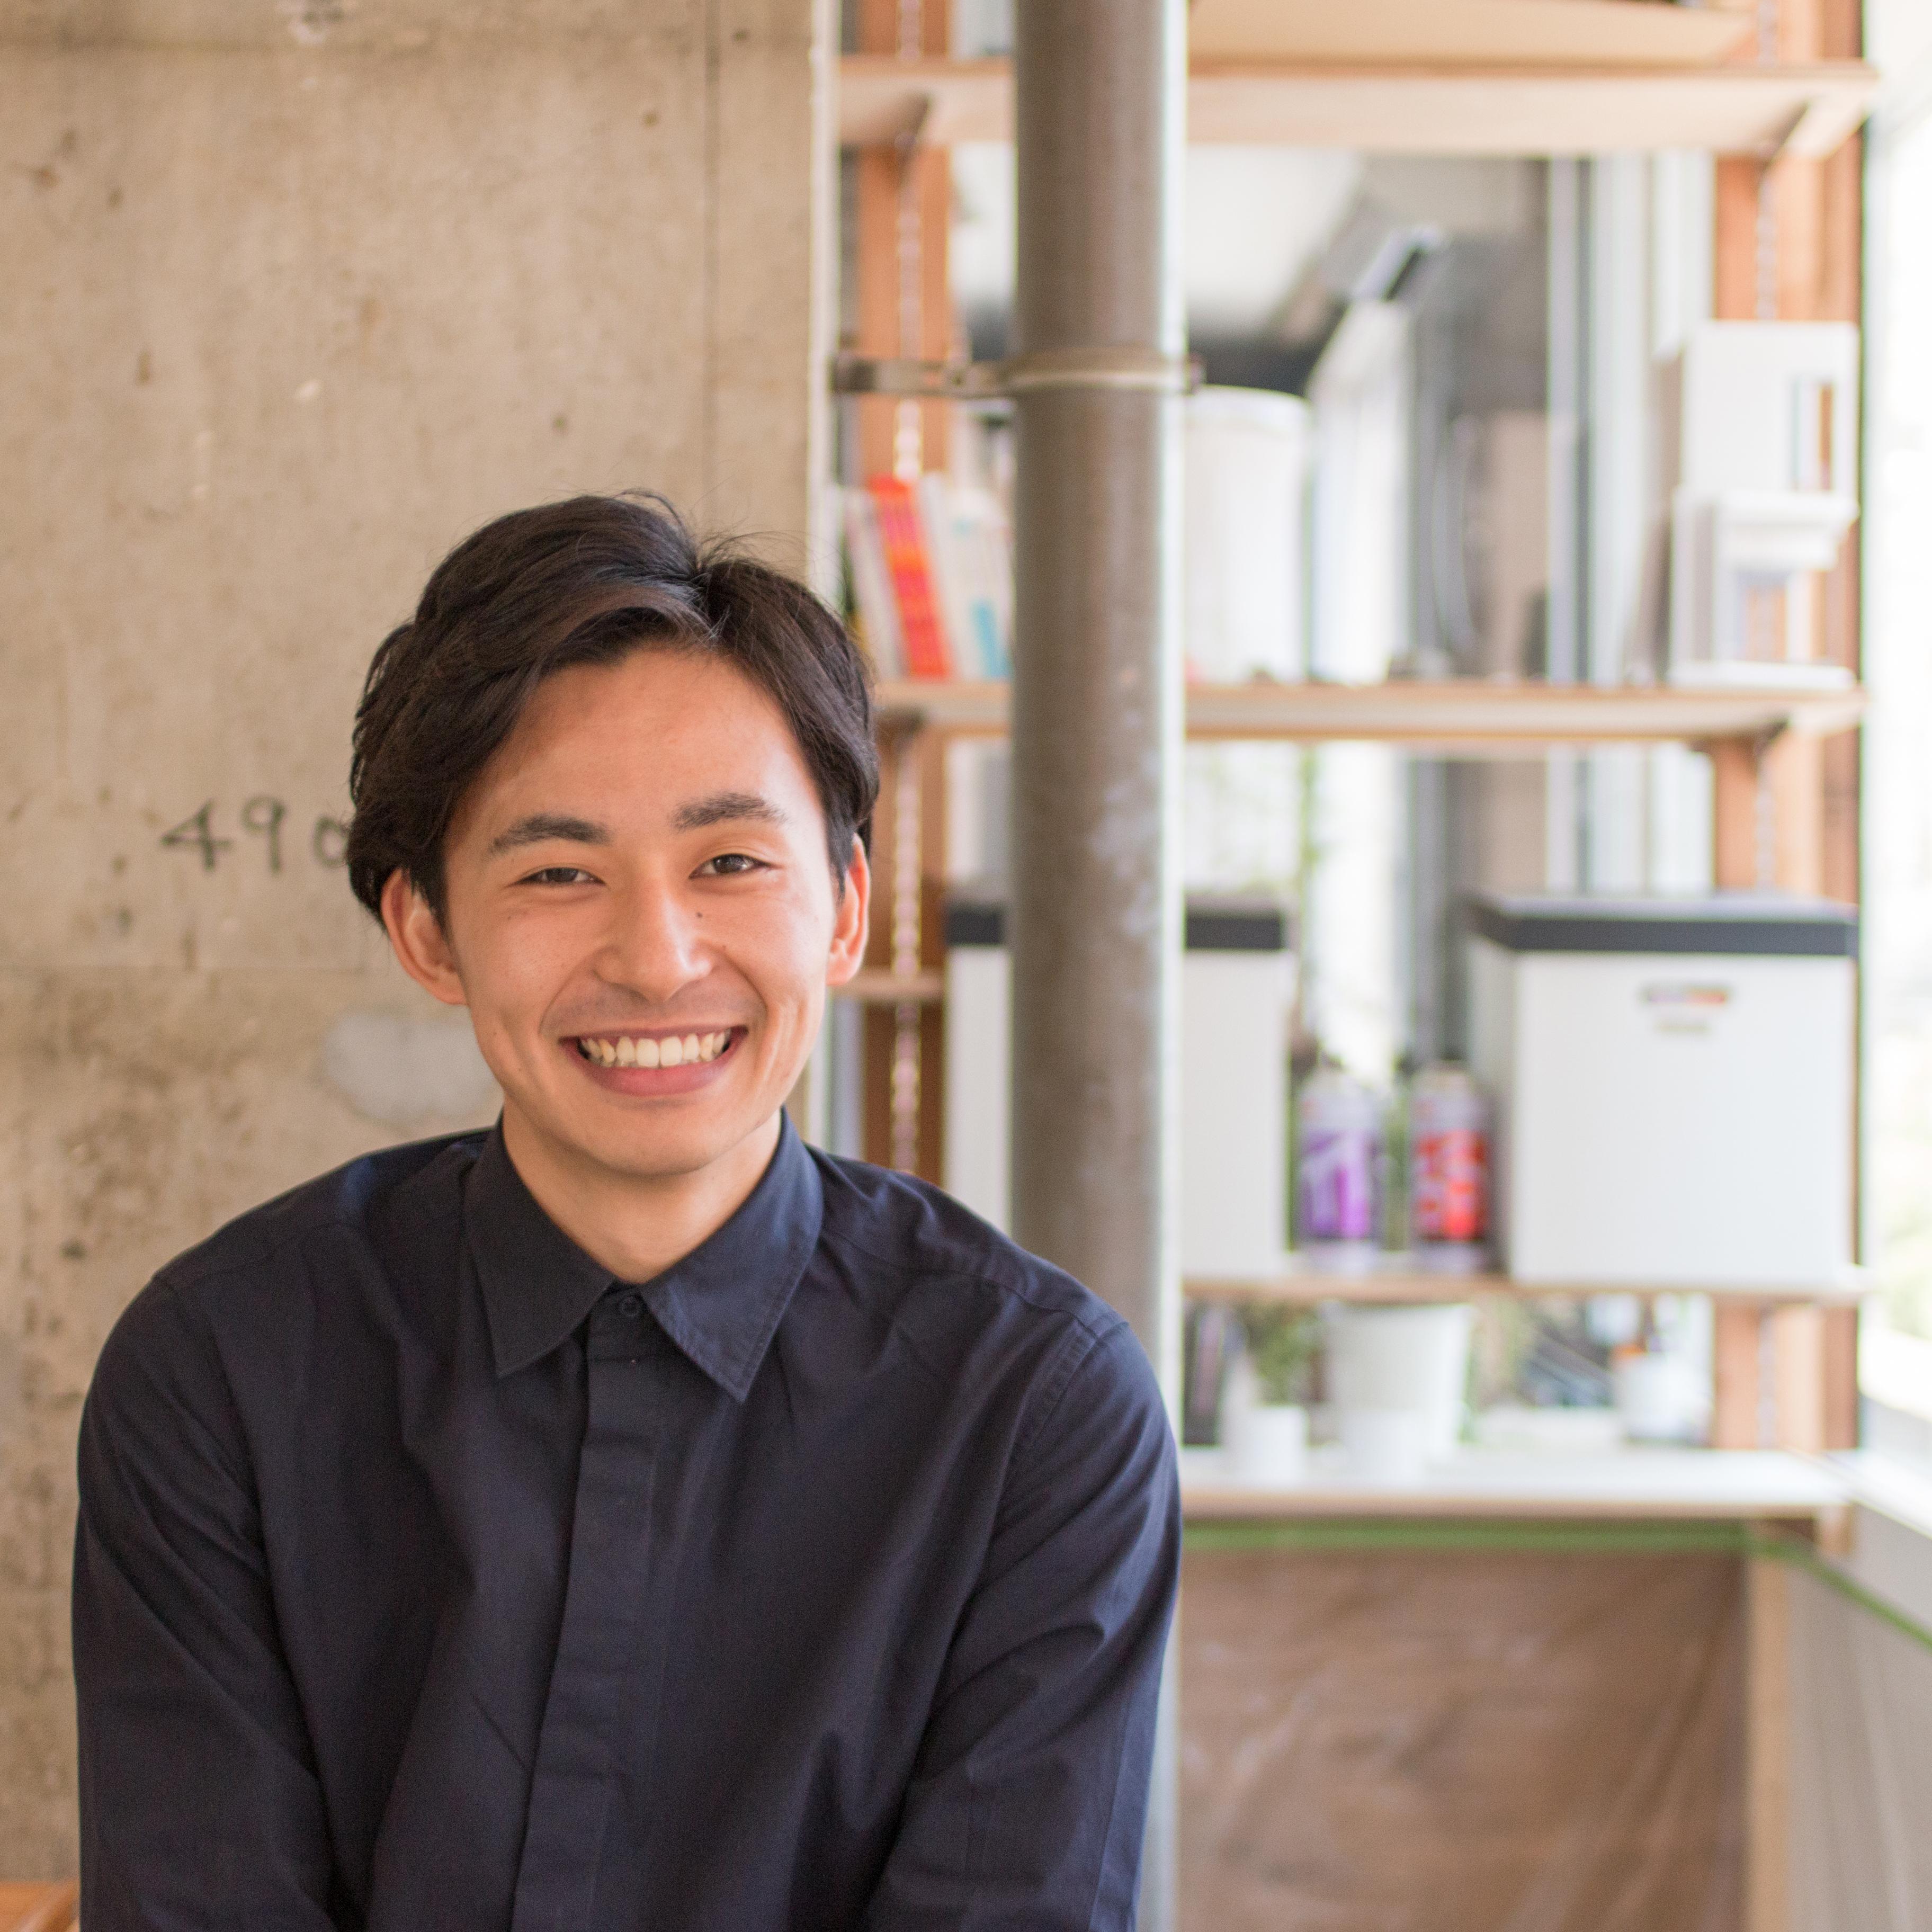 児林幸輔 / Kosuke Kobayashi